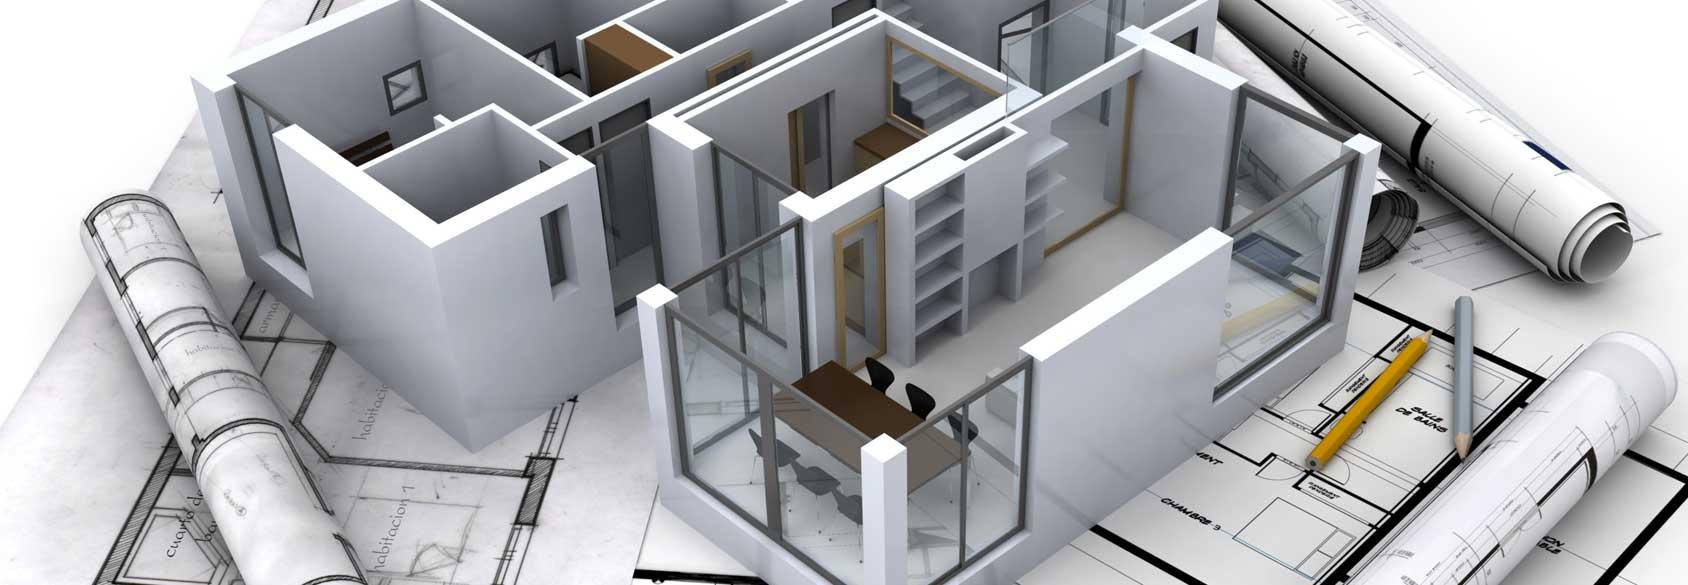 Immobiliare_baner_Home_Ottavio_Mazzocca_SIC